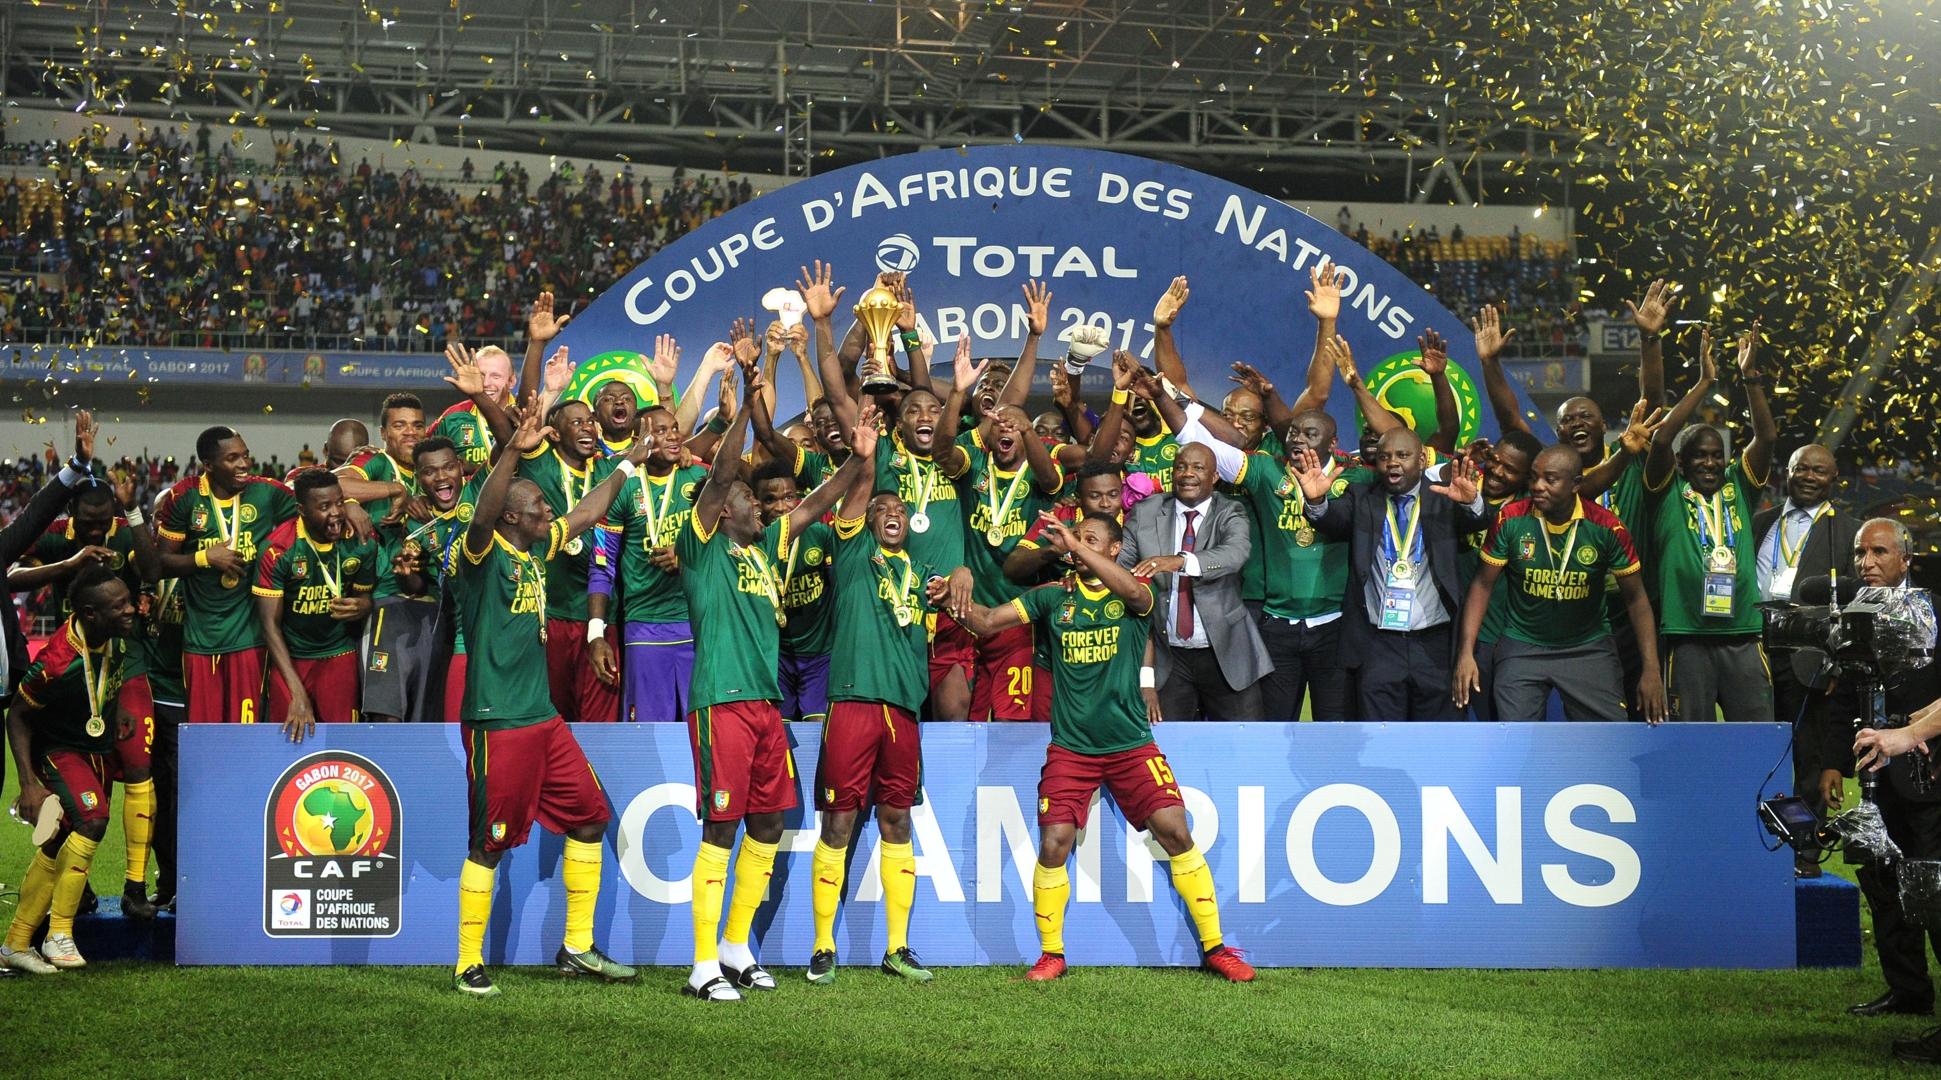 Сборная Камеруна - победитель кубка африканских наций 2017